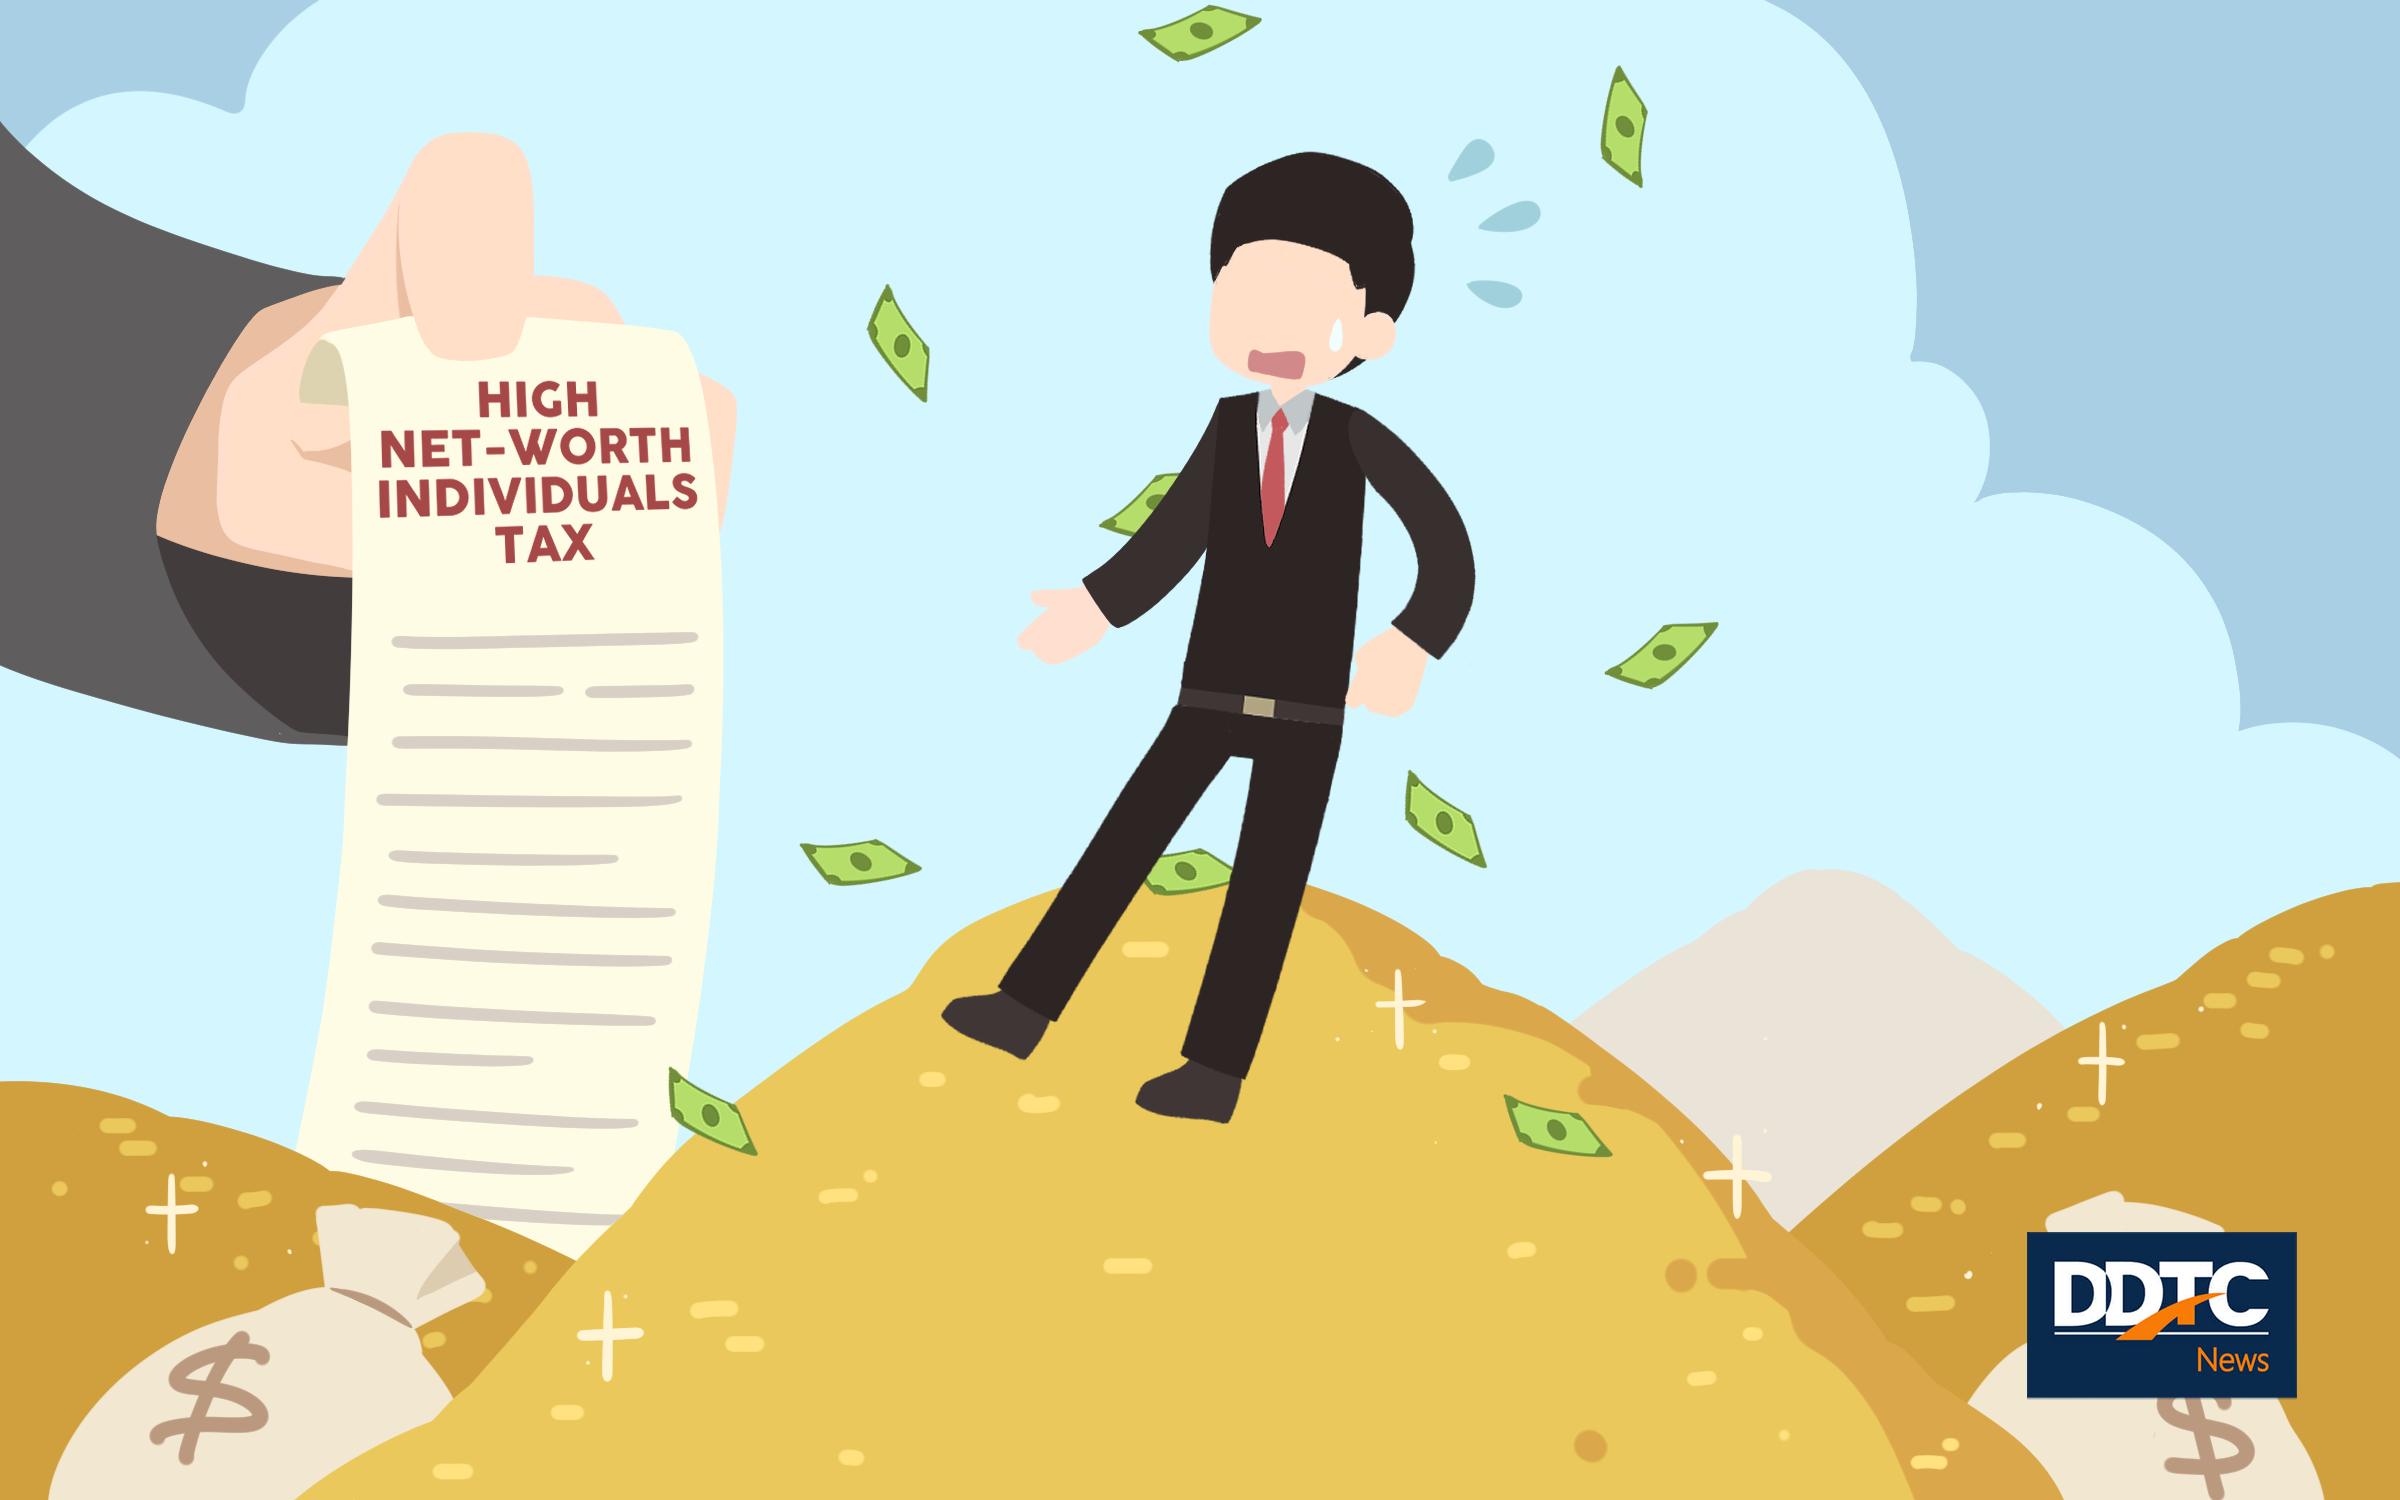 Sederet Negara yang Implementasikan Pajak atas Kekayaan